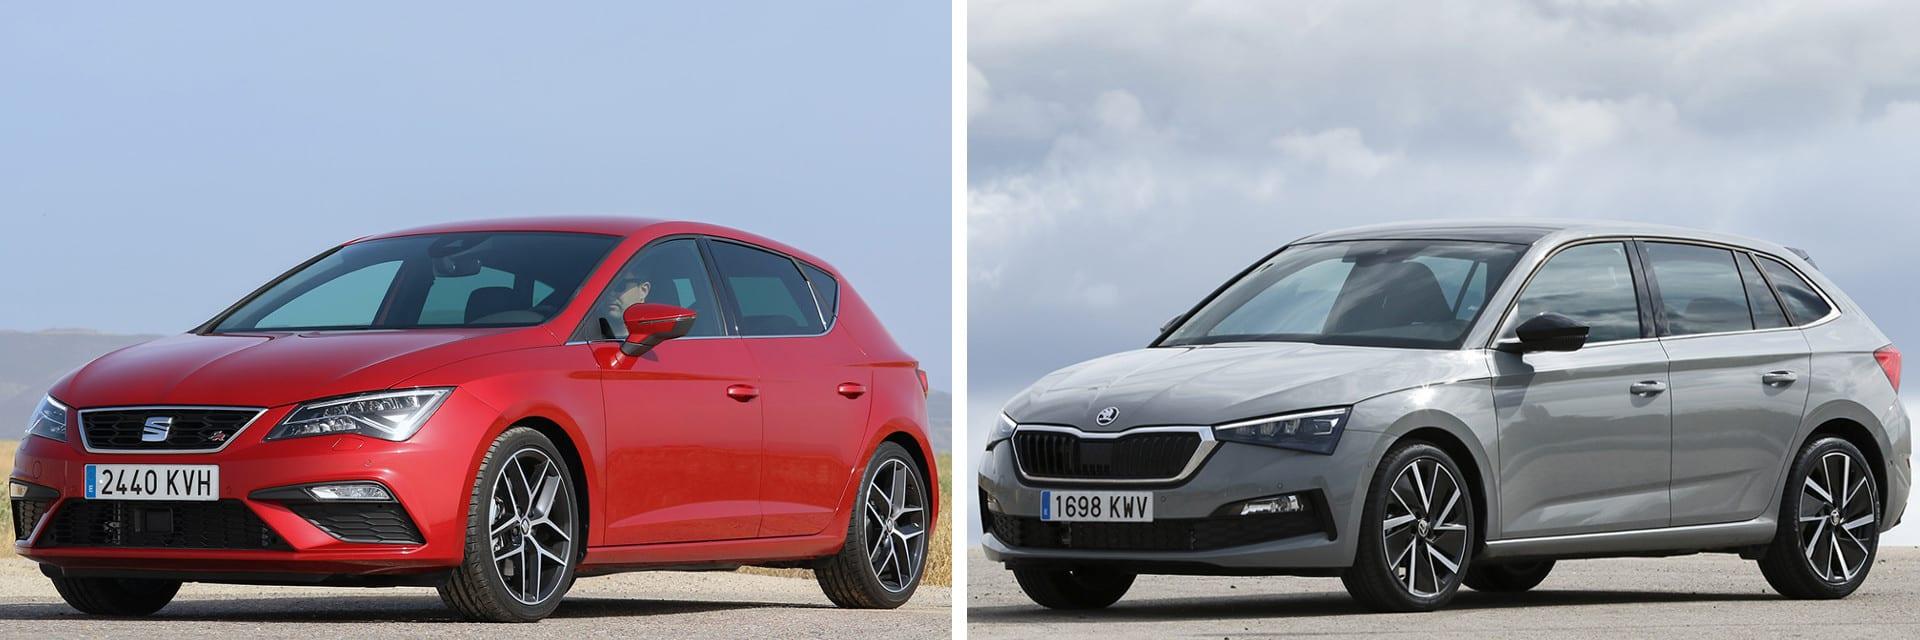 Las fotos del SEAT León corresponden al acabado mencionado en la comparativa (izq.); y las del Škoda Scala (dcha.) al acabado First Edition(*) / km77